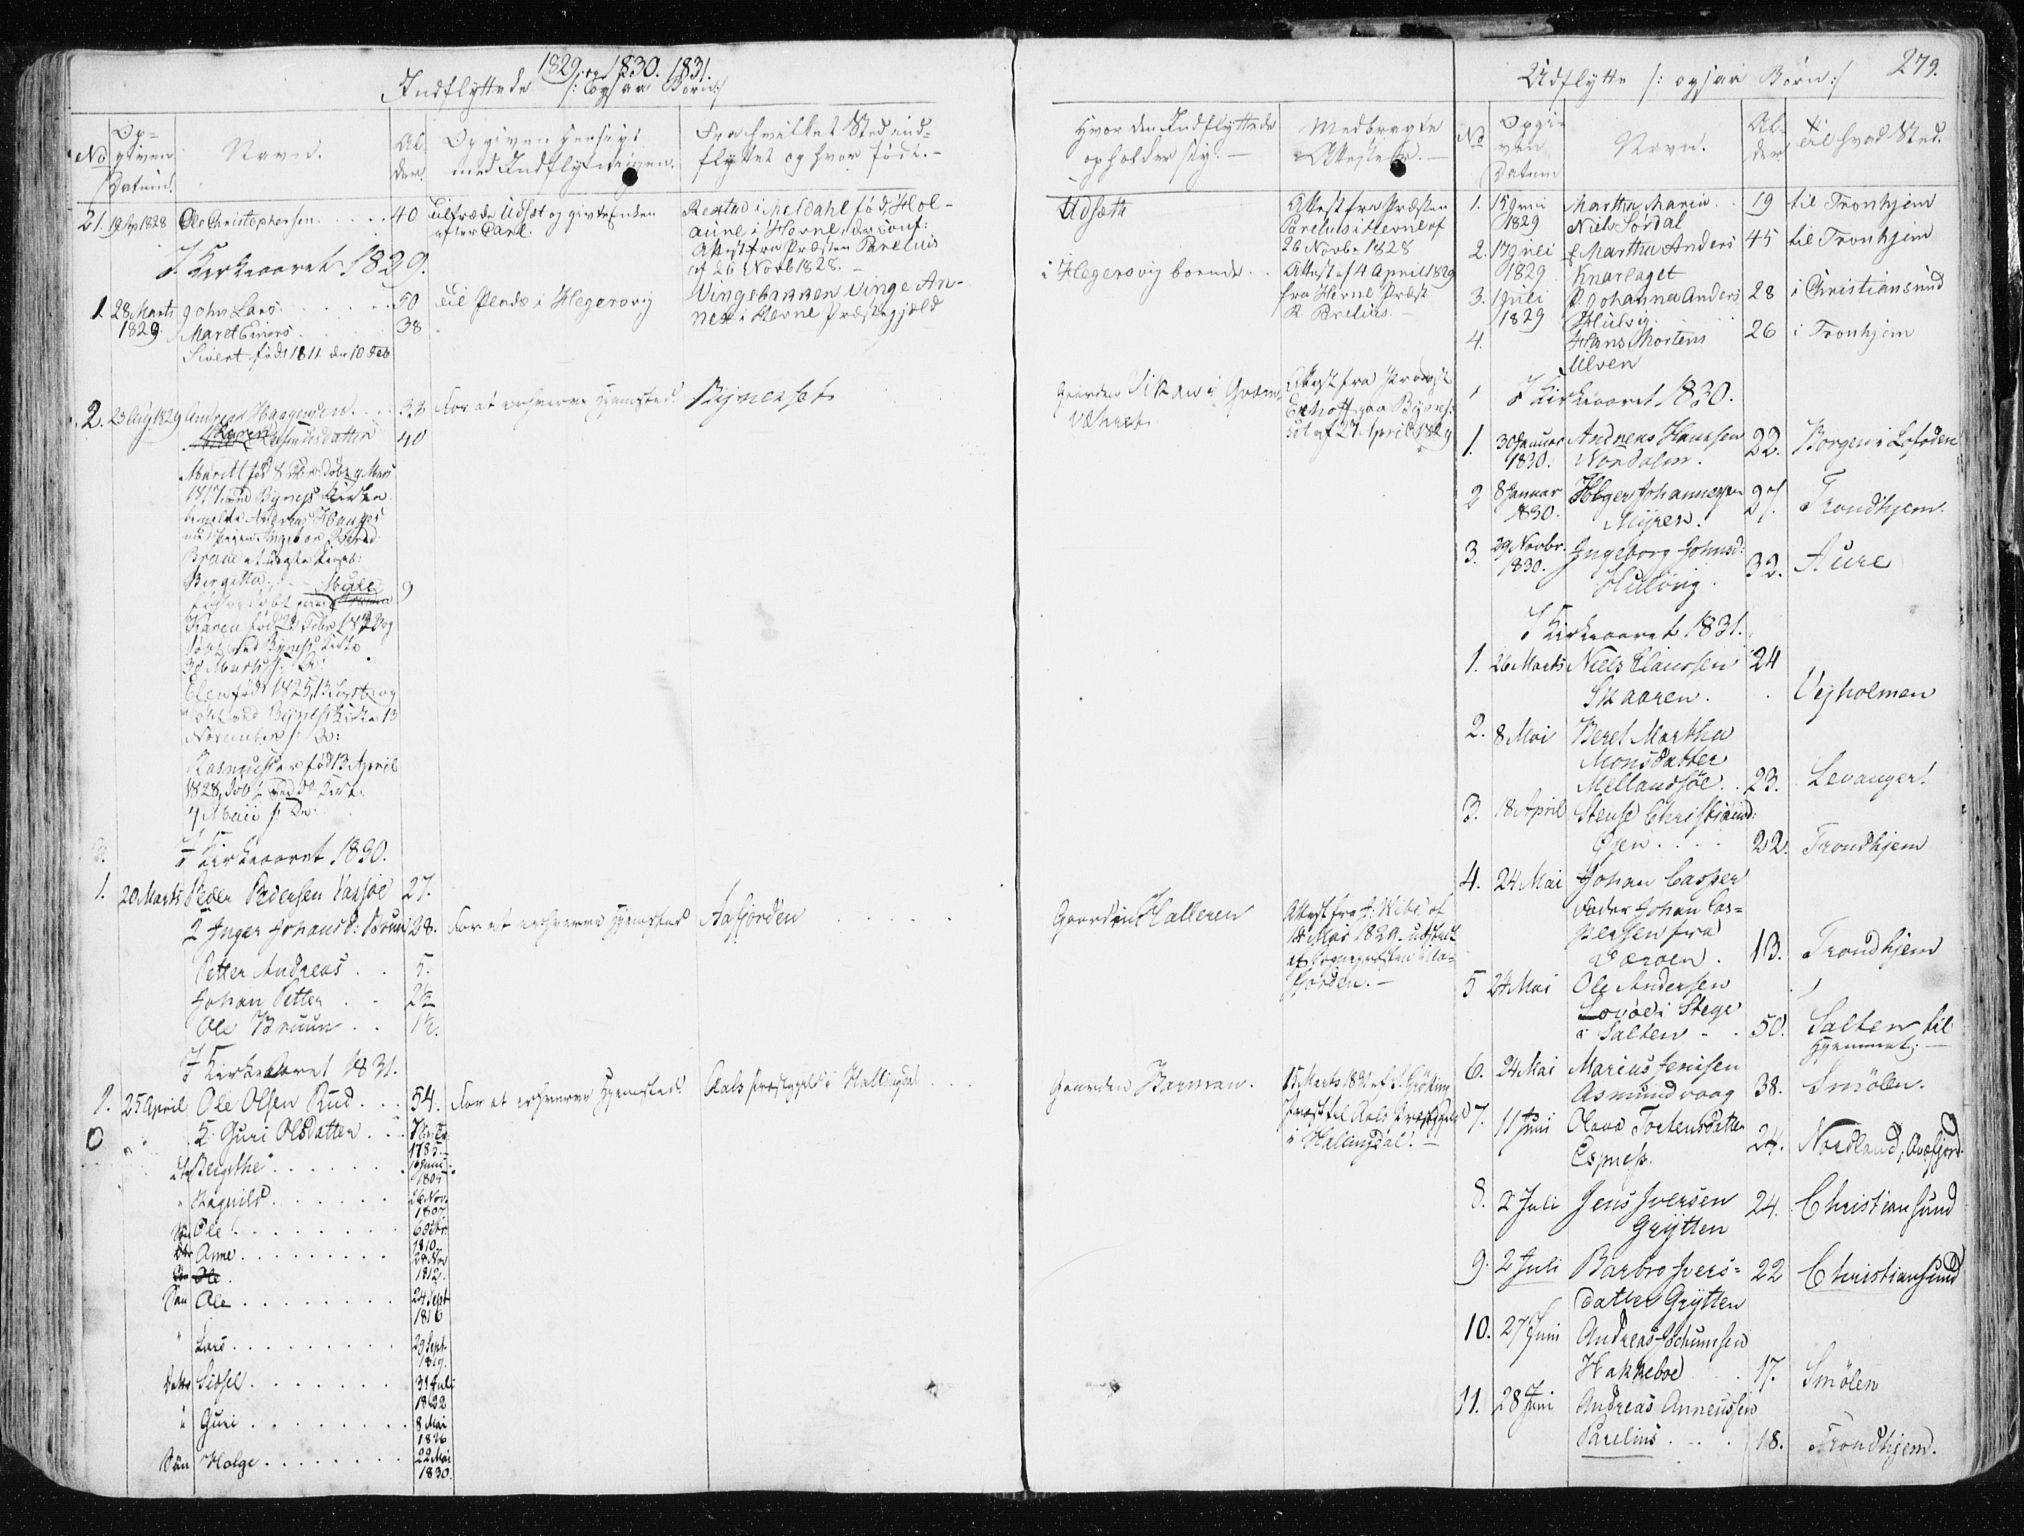 SAT, Ministerialprotokoller, klokkerbøker og fødselsregistre - Sør-Trøndelag, 634/L0528: Ministerialbok nr. 634A04, 1827-1842, s. 279